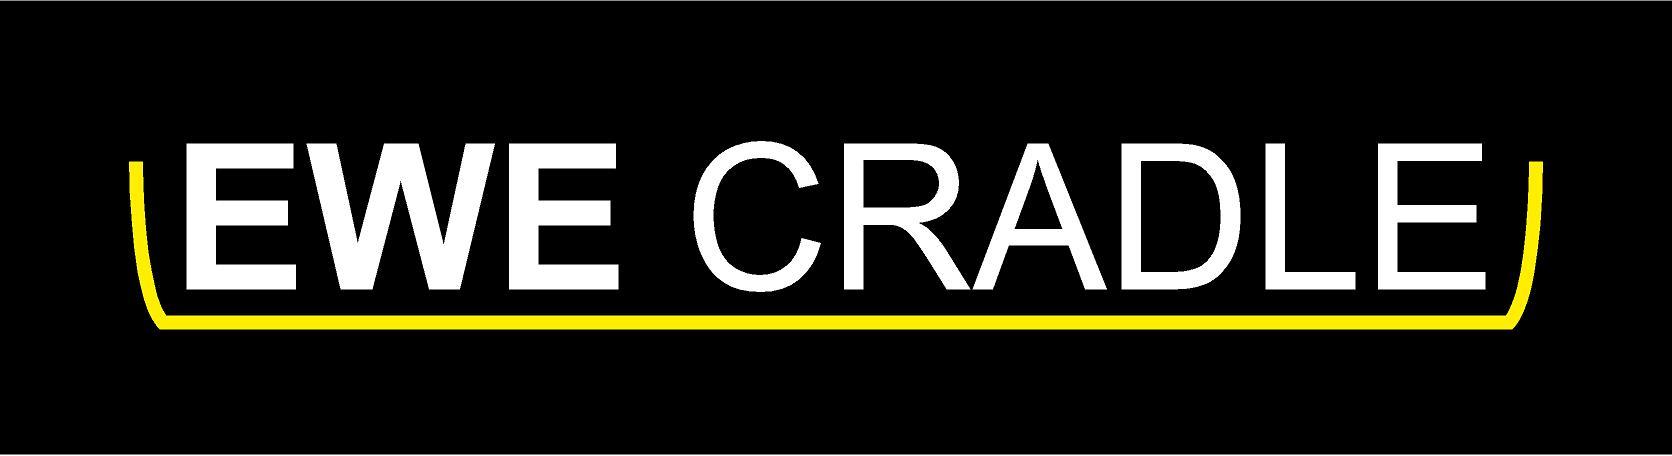 ewe-cradle-logo.jpg